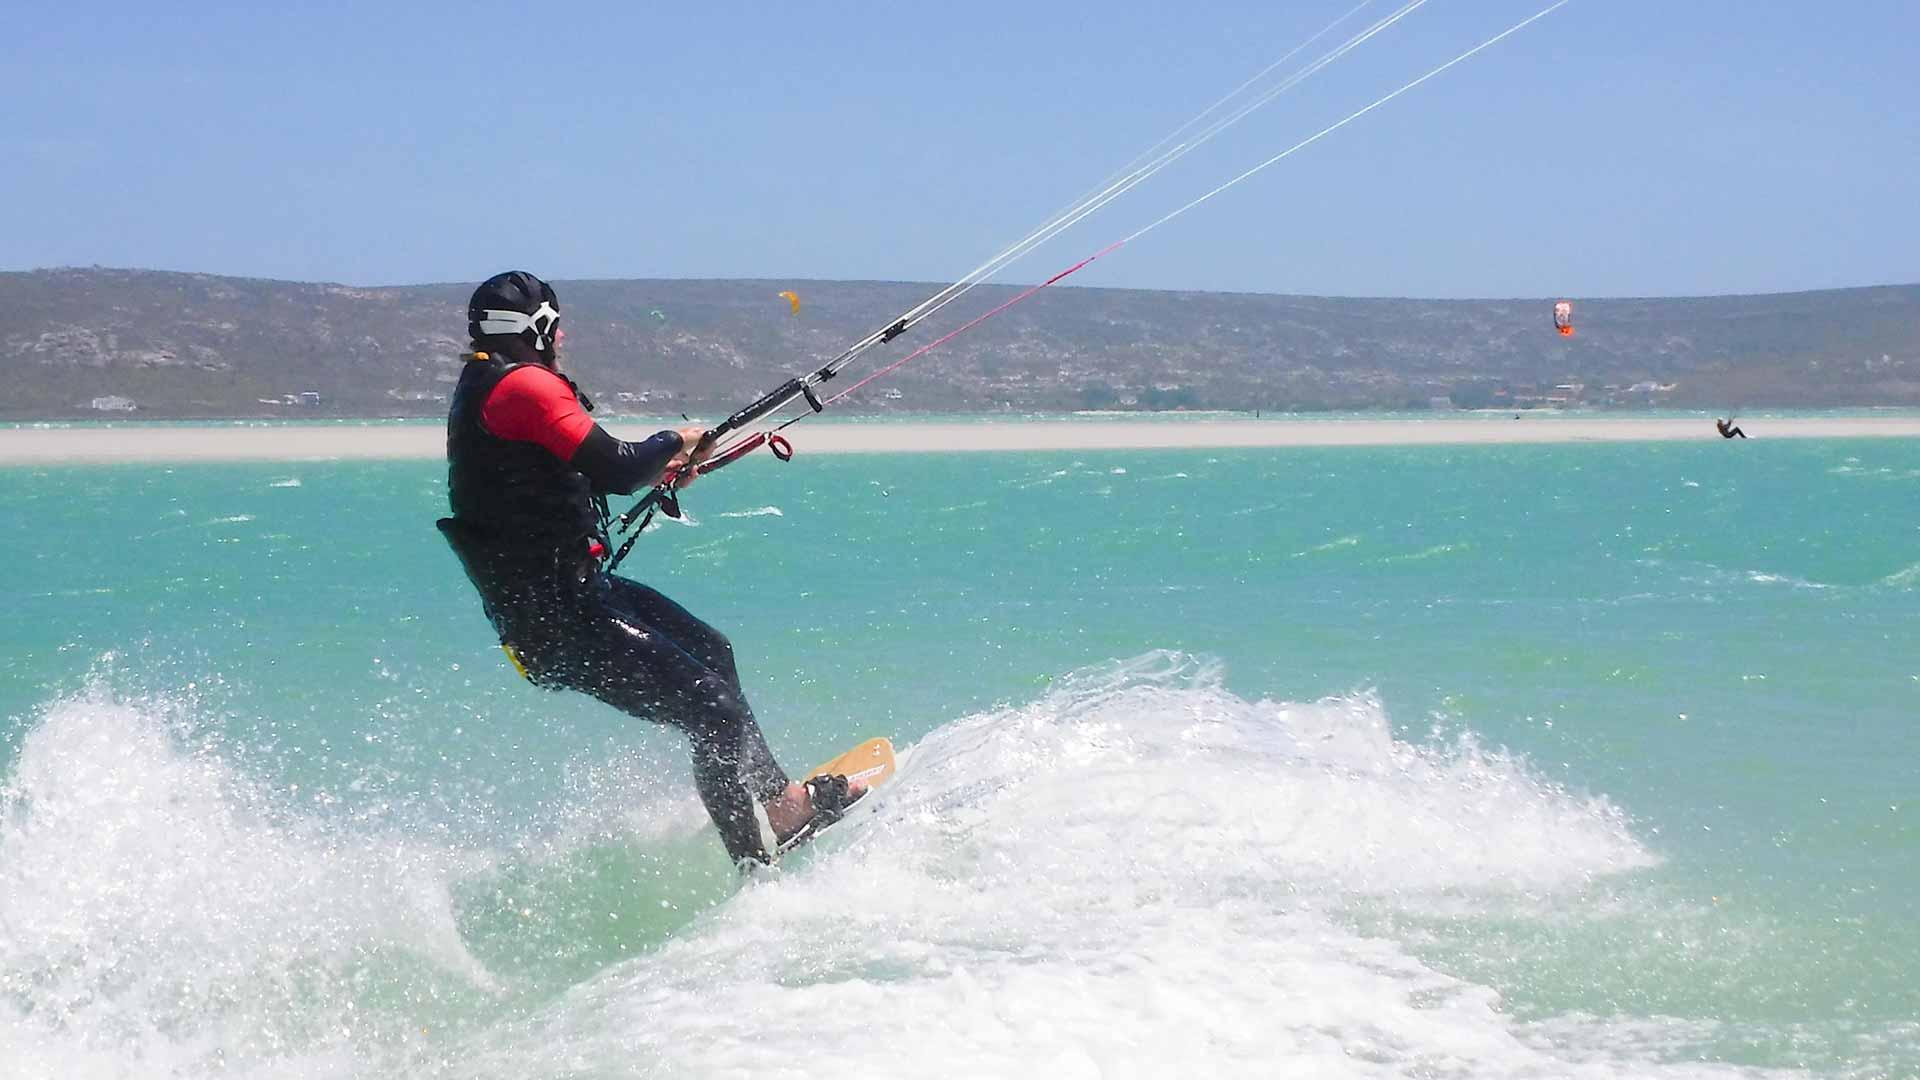 kitesurfing lessons seniors over 60